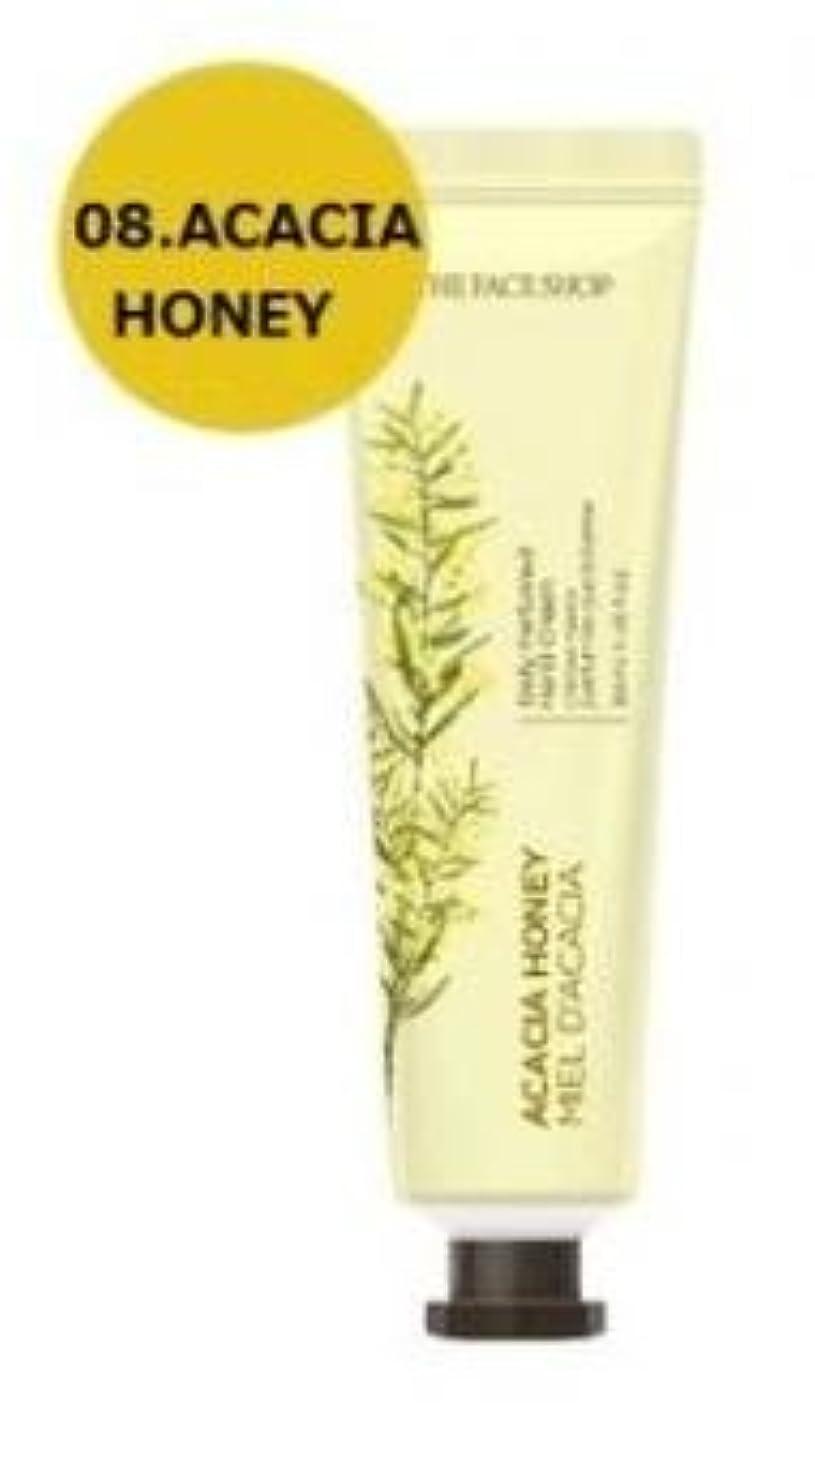 離すプレビューライトニングTHE FACE SHOP Daily Perfume Hand Cream [08. Acacia honey] ザフェイスショップ デイリーパフュームハンドクリーム [08.アカシアハチミツ] [new] [並行輸入品]